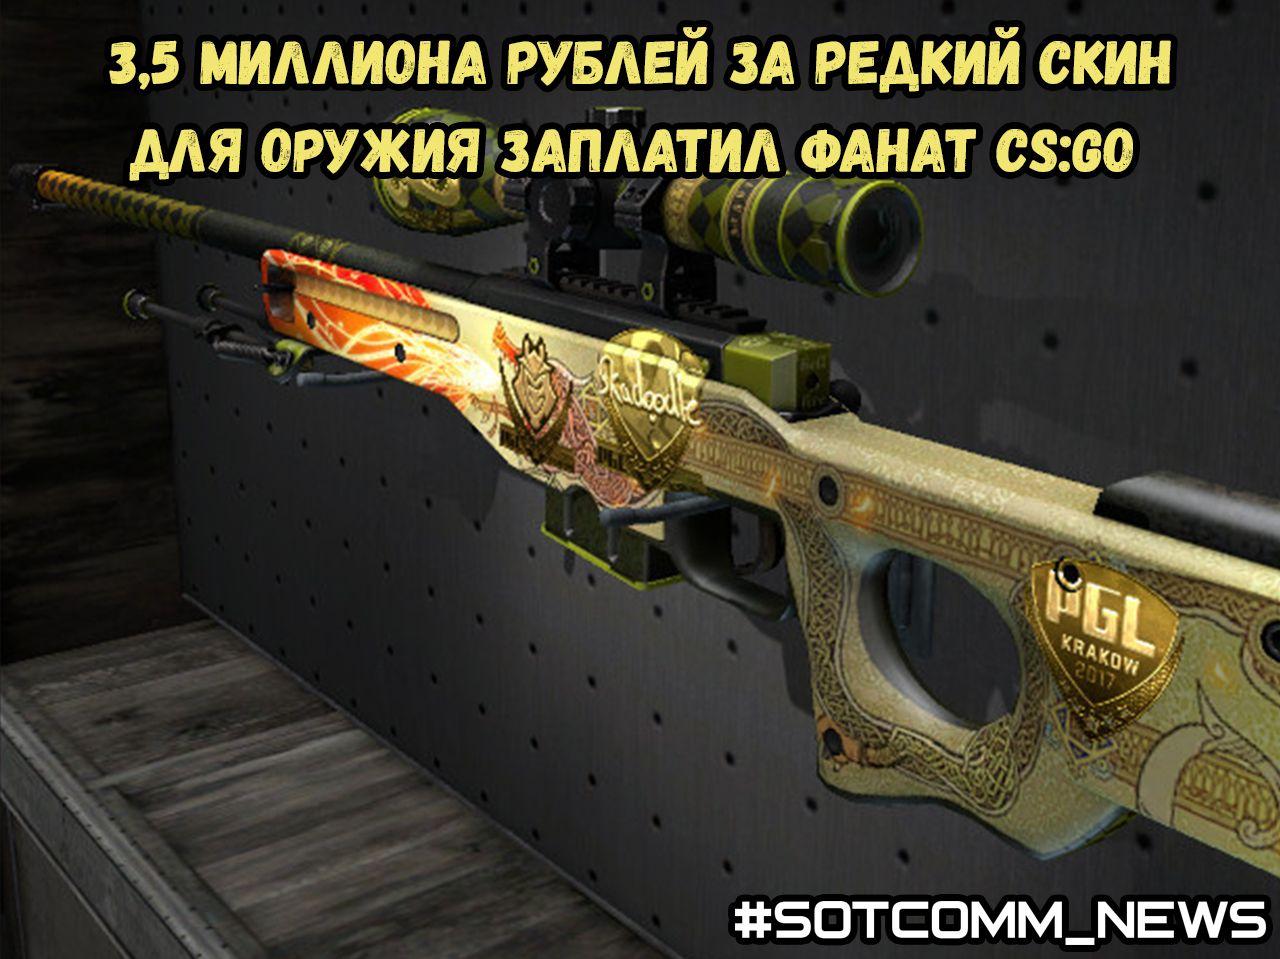 3,5 миллиона рублей за редкий скин для оружия заплатил фанат CS:GO